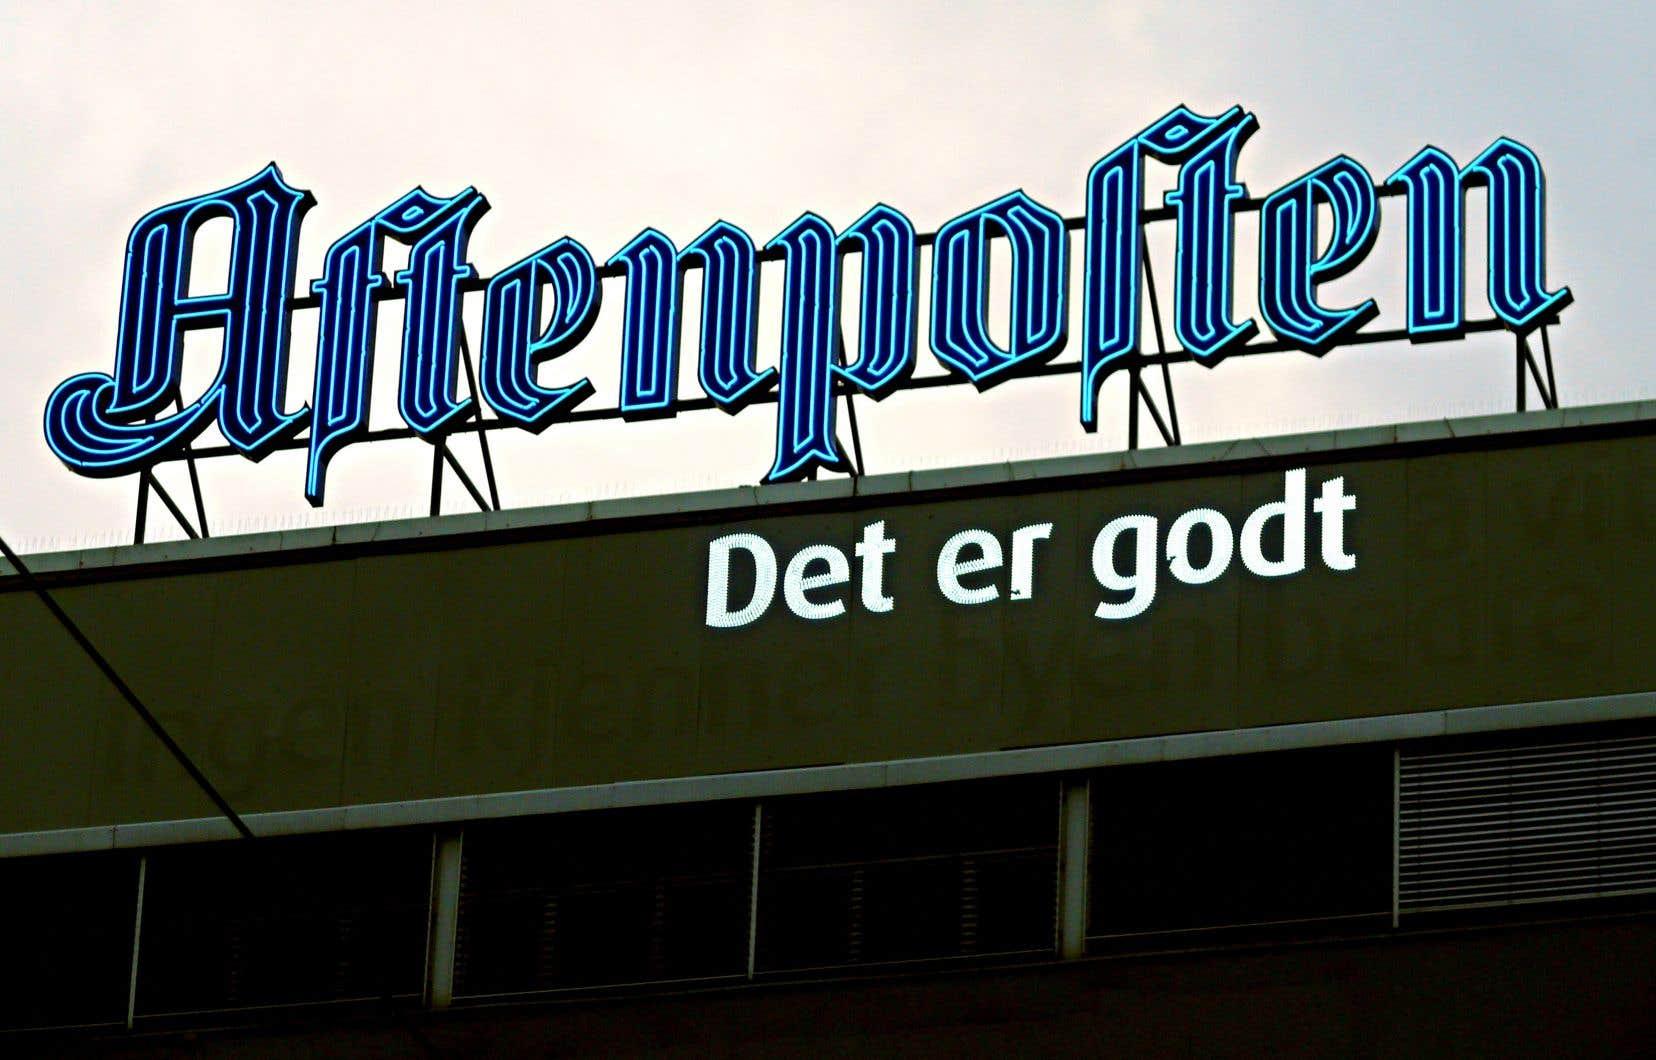 Le journal «Aftenposten» n'a jamais perdu d'argent et dégage même 13millions d'euros de résultat net, pour 145millions de chiffre d'affaires, selon son directeur.